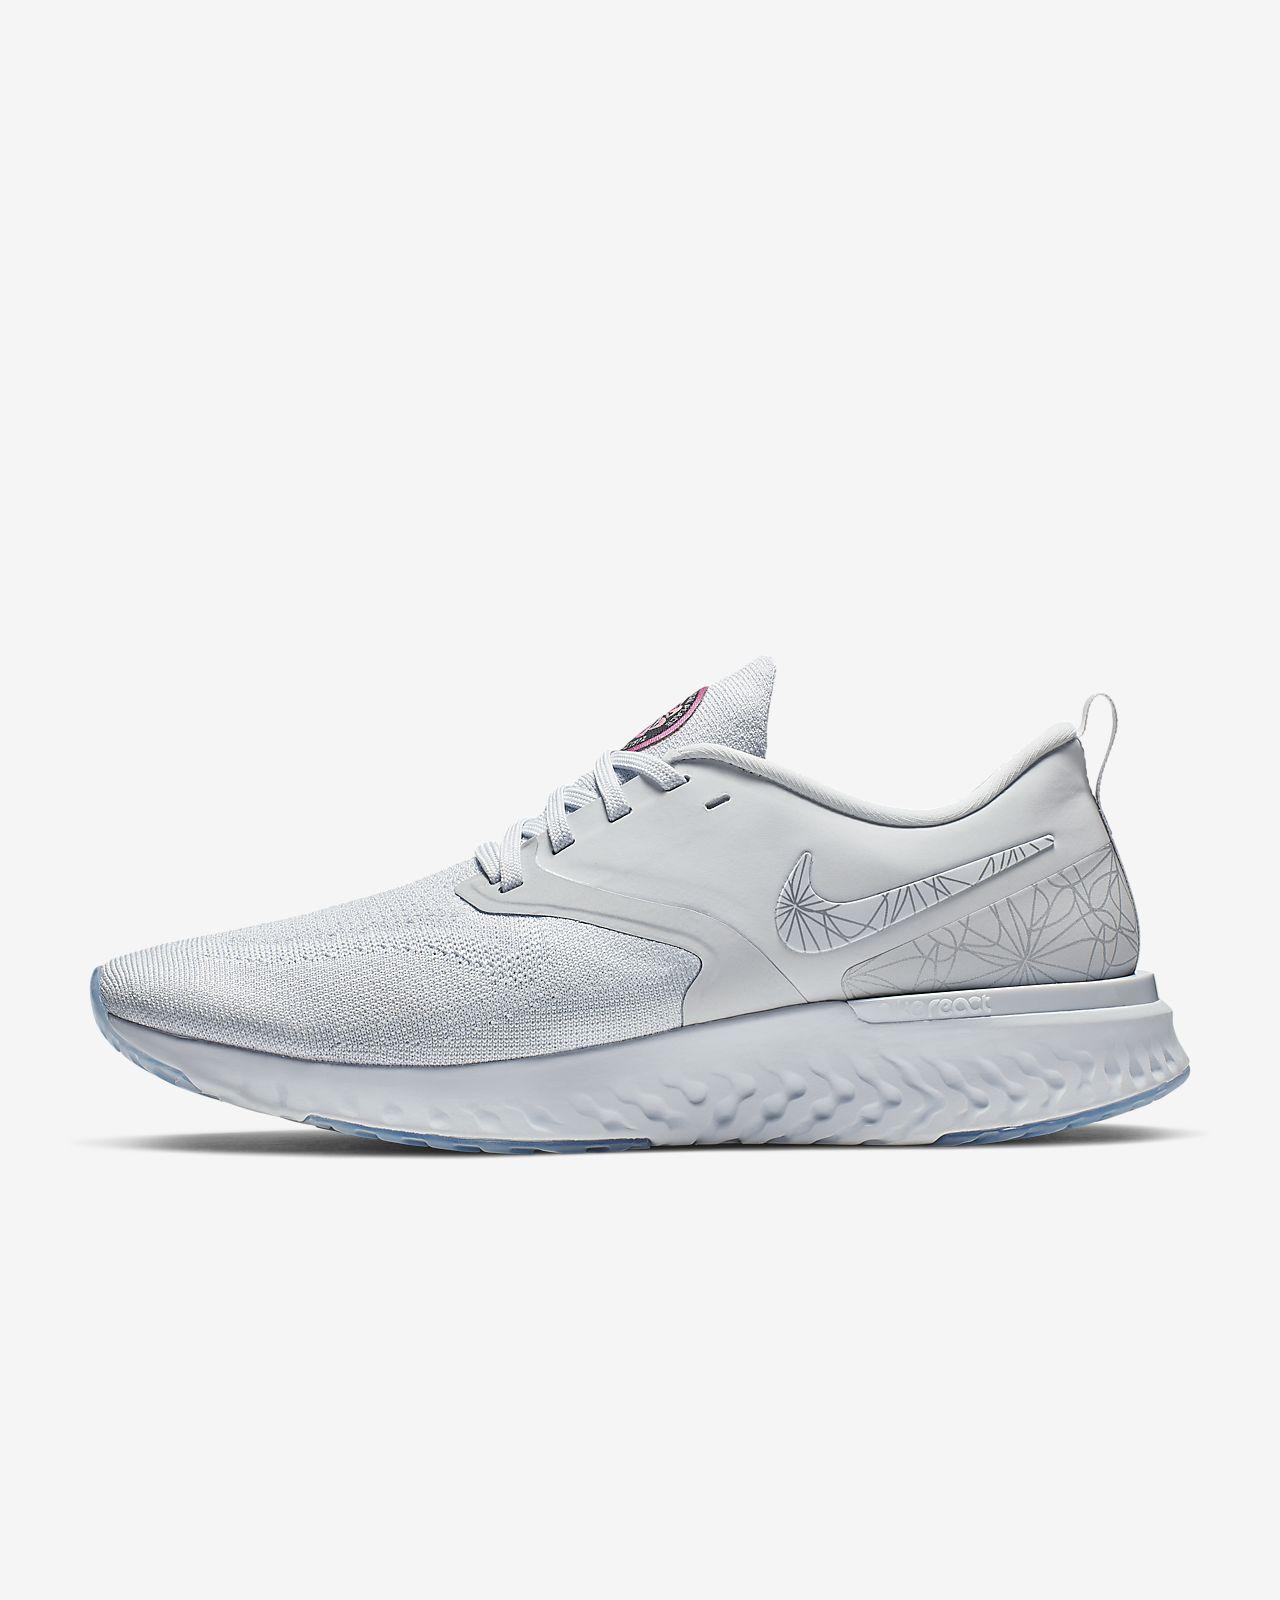 Pánská běžecká bota Nike Odyssey React Flyknit 2 s grafickým motivem